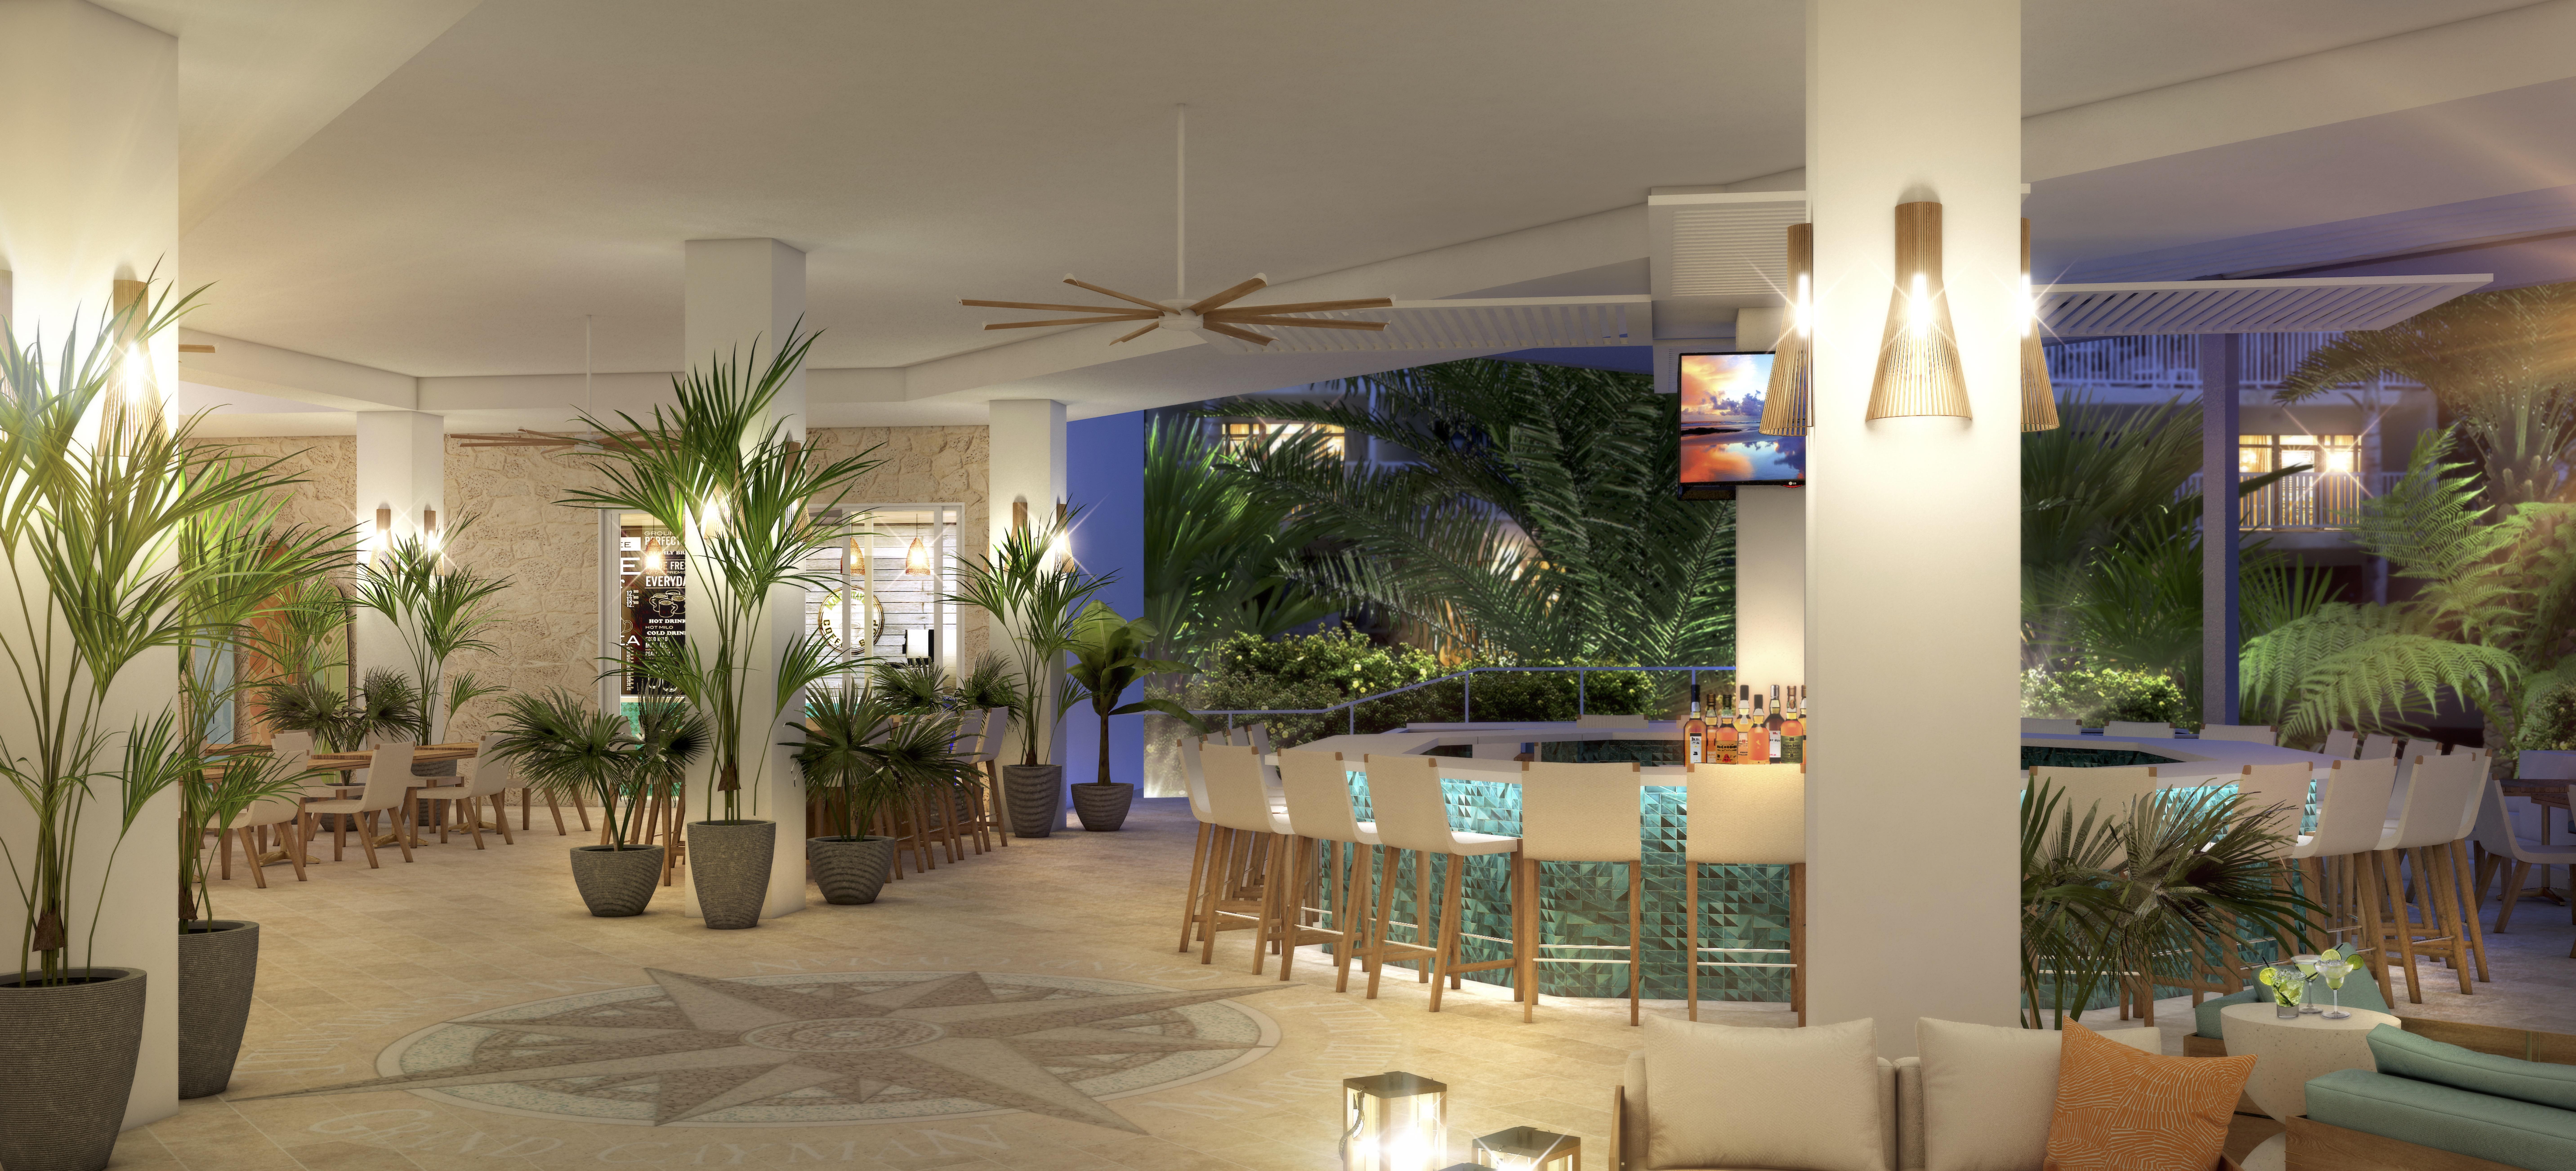 Luxury Condos In Cayman Islands